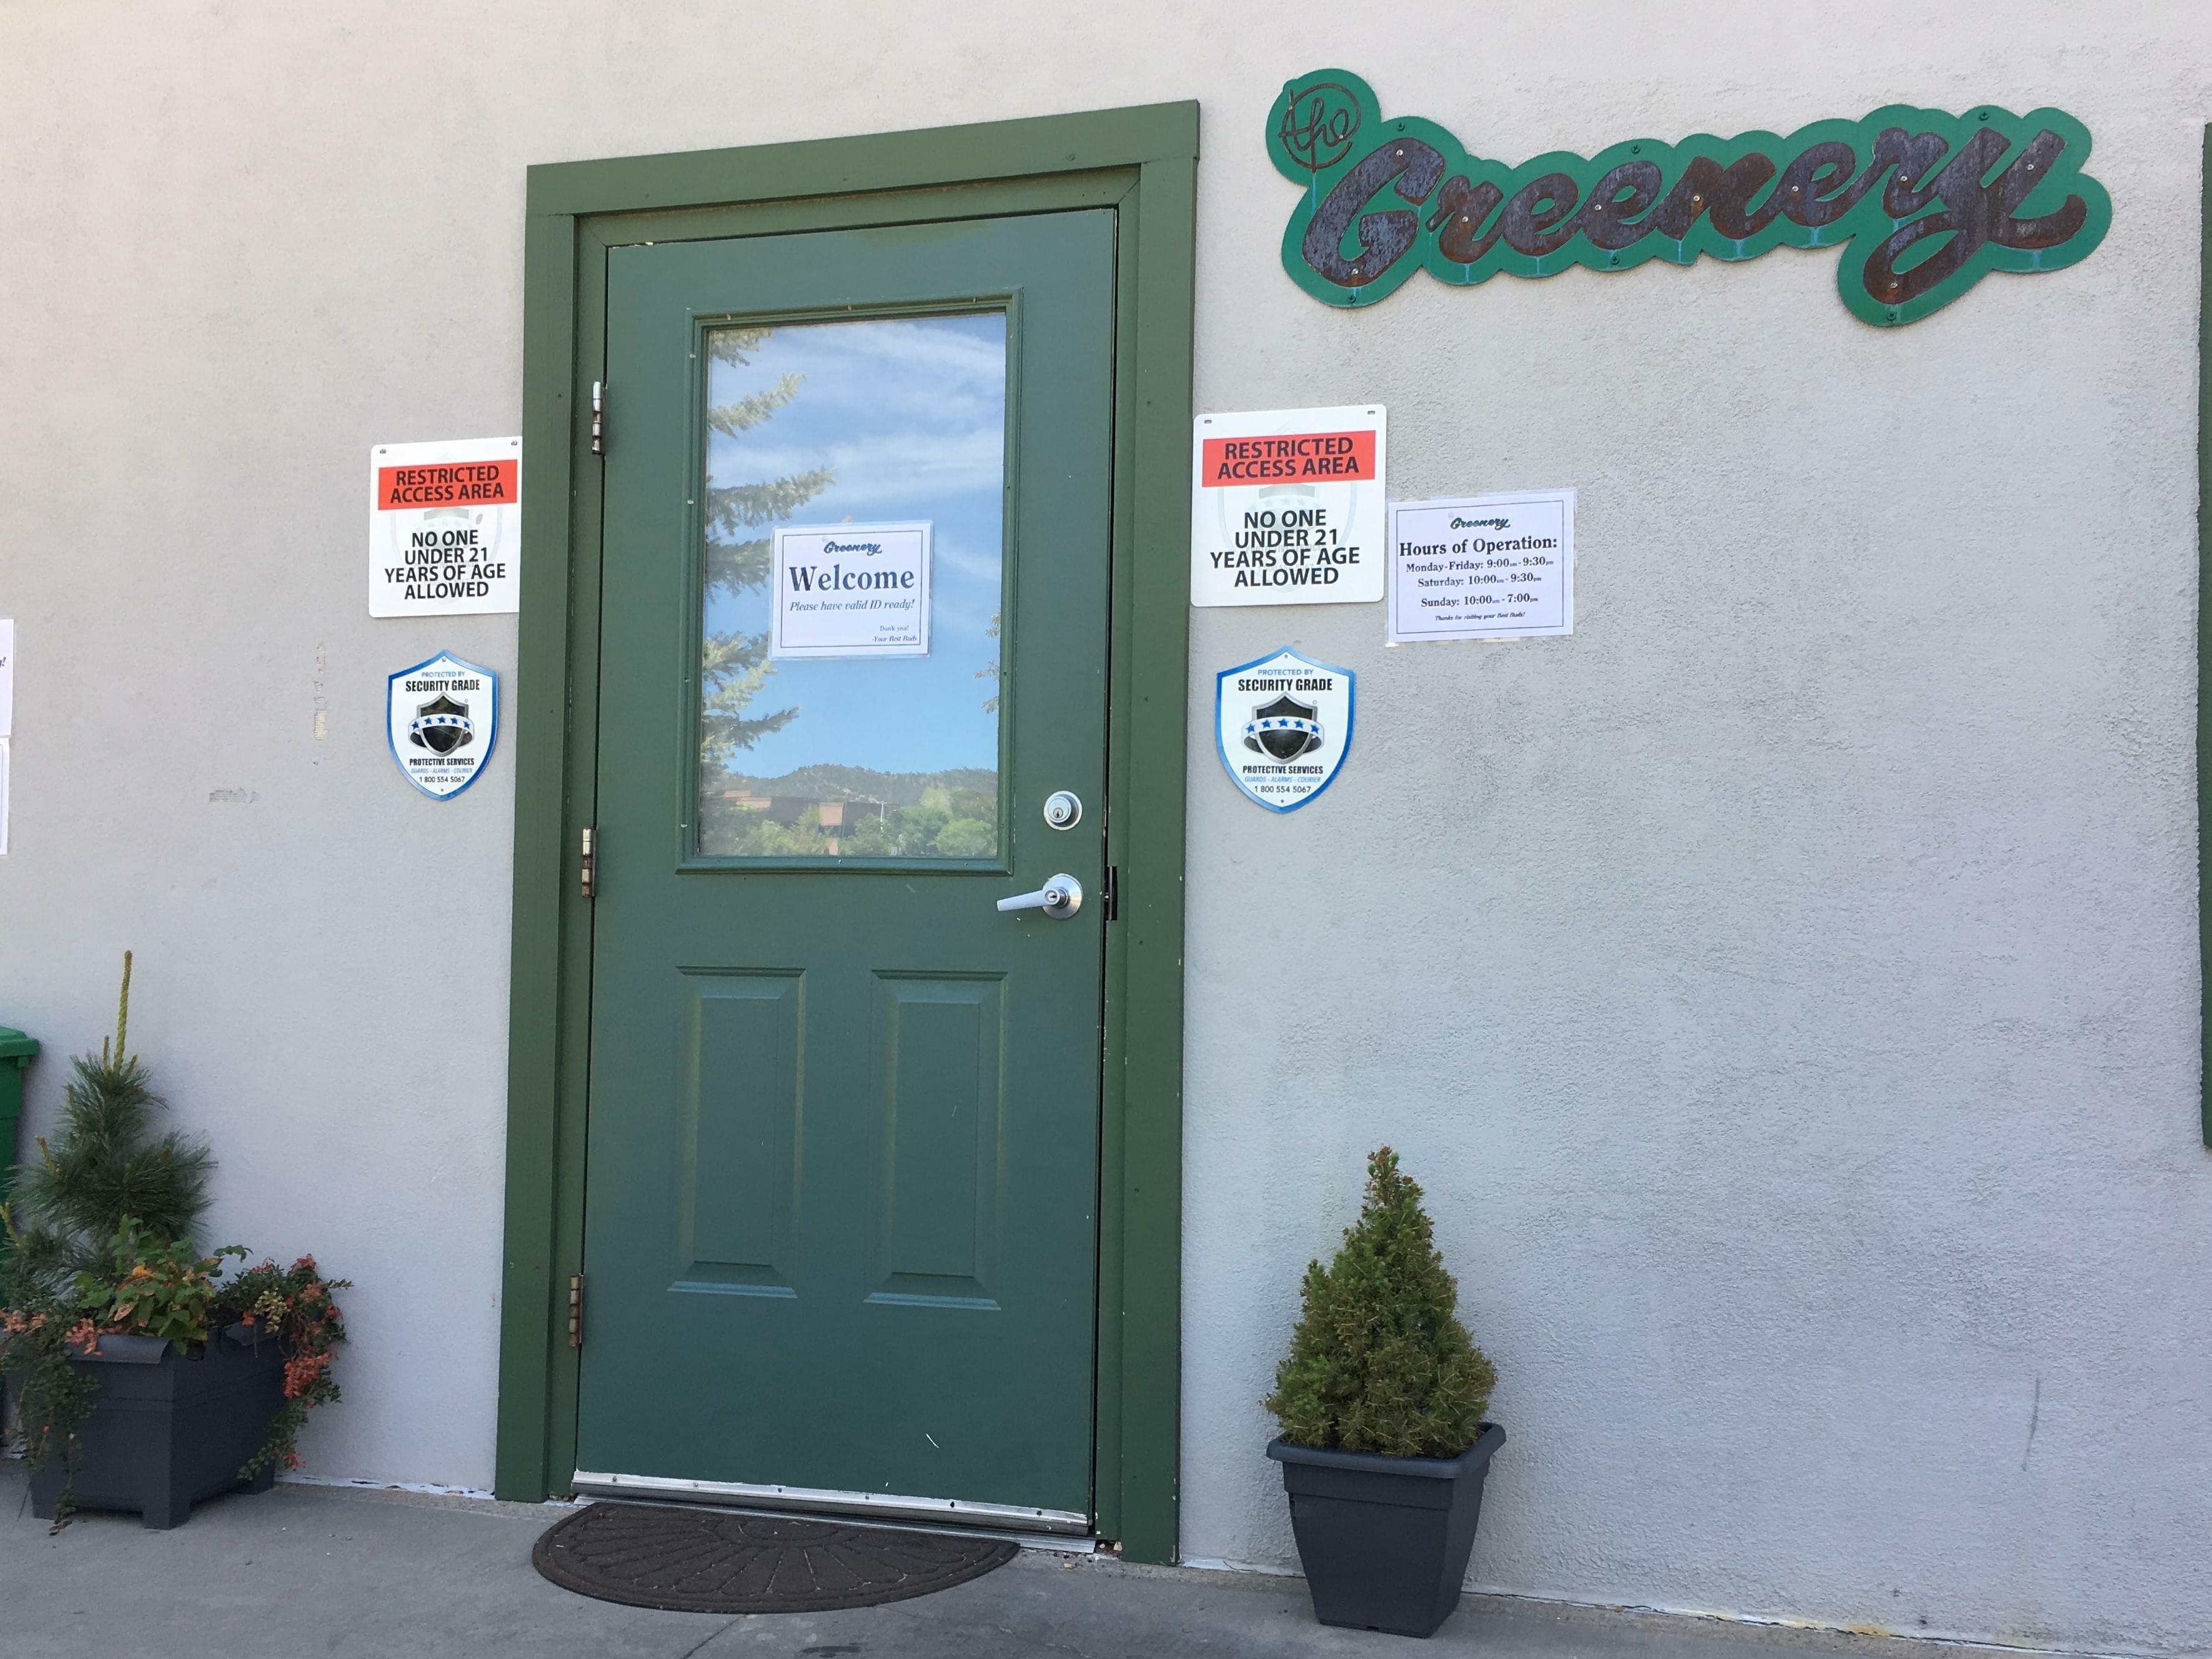 The Greenery Photos Durango Marijuana Dispensaries